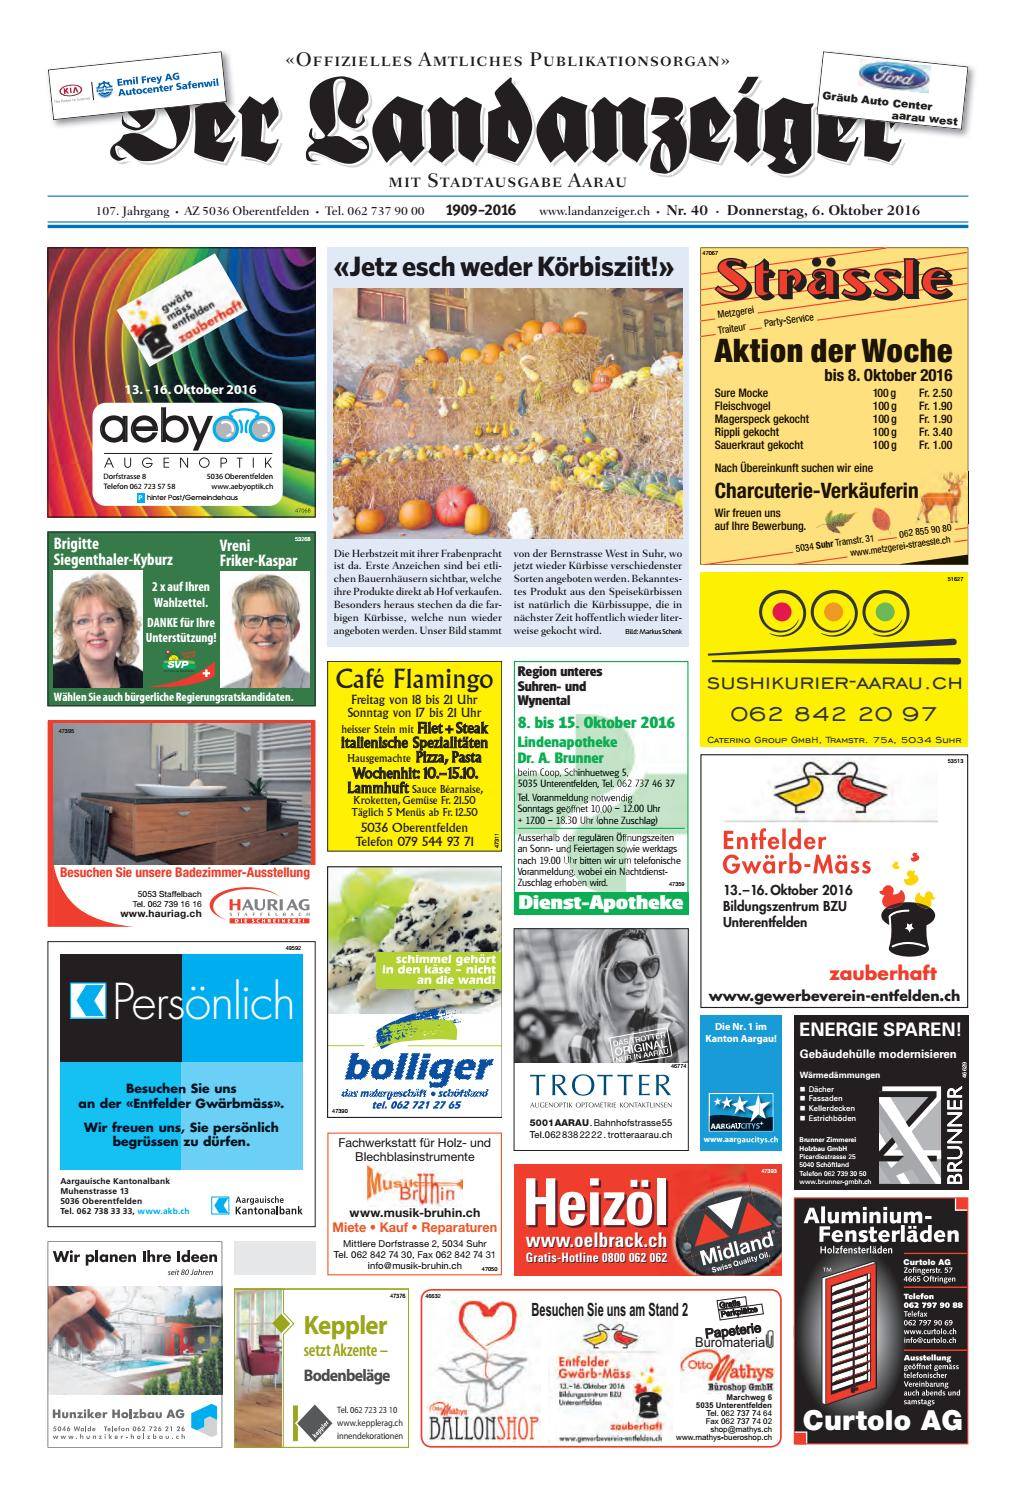 Der Landanzeiger 40 16 By ZT Me N AG Issuu